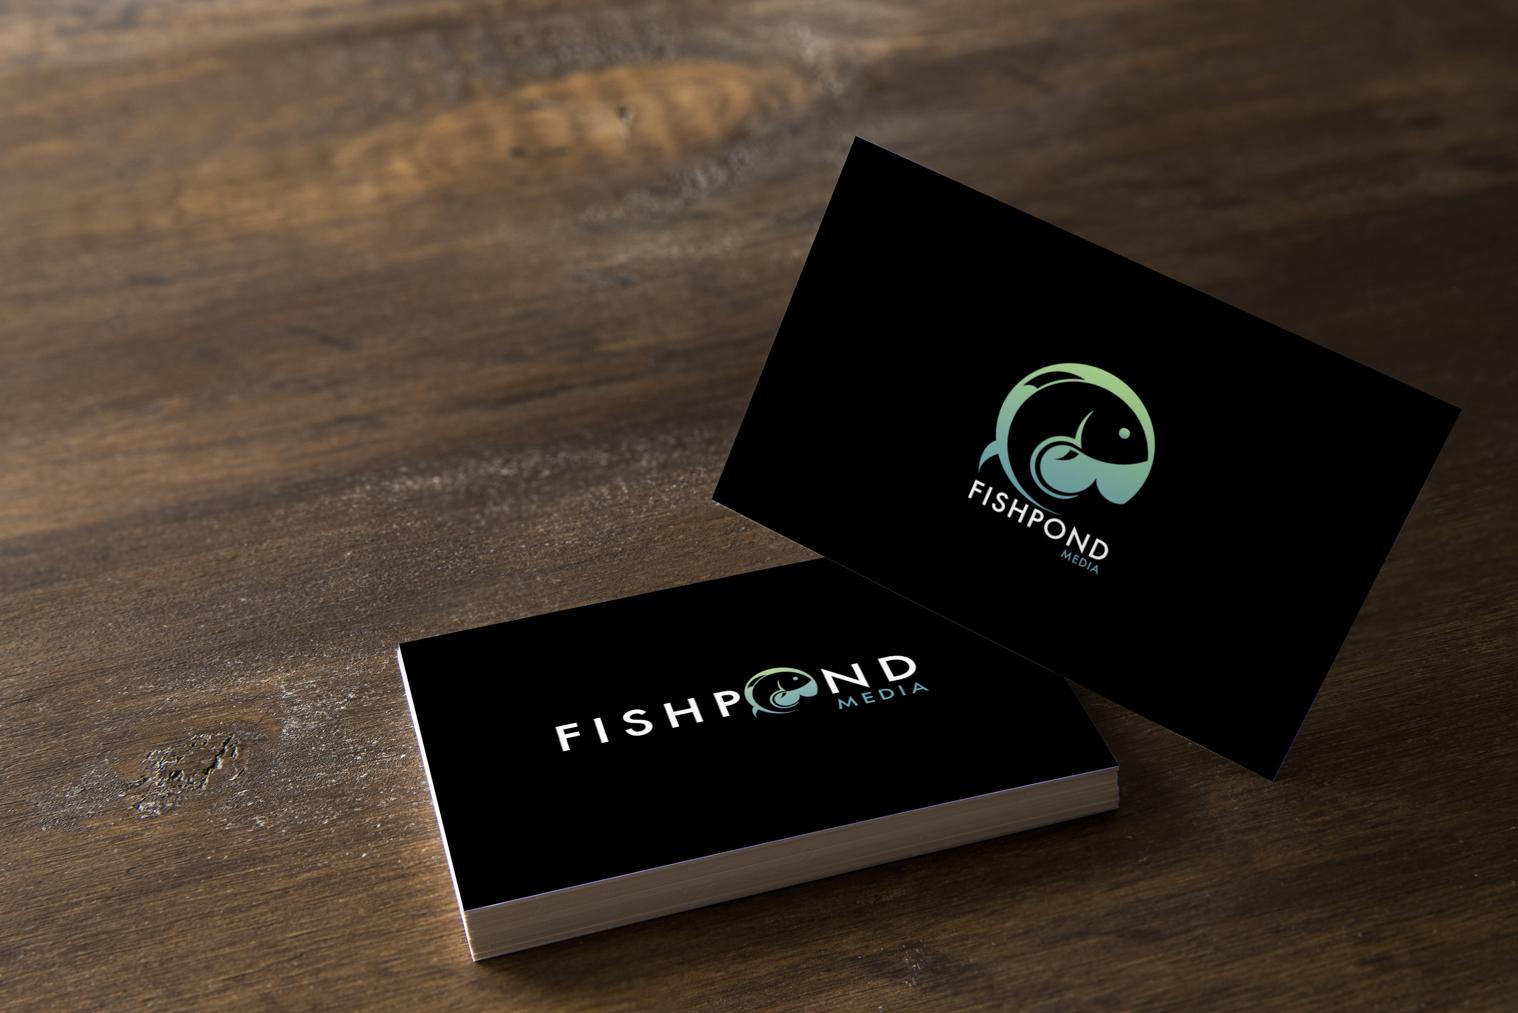 Business Card Design - FishPond Media